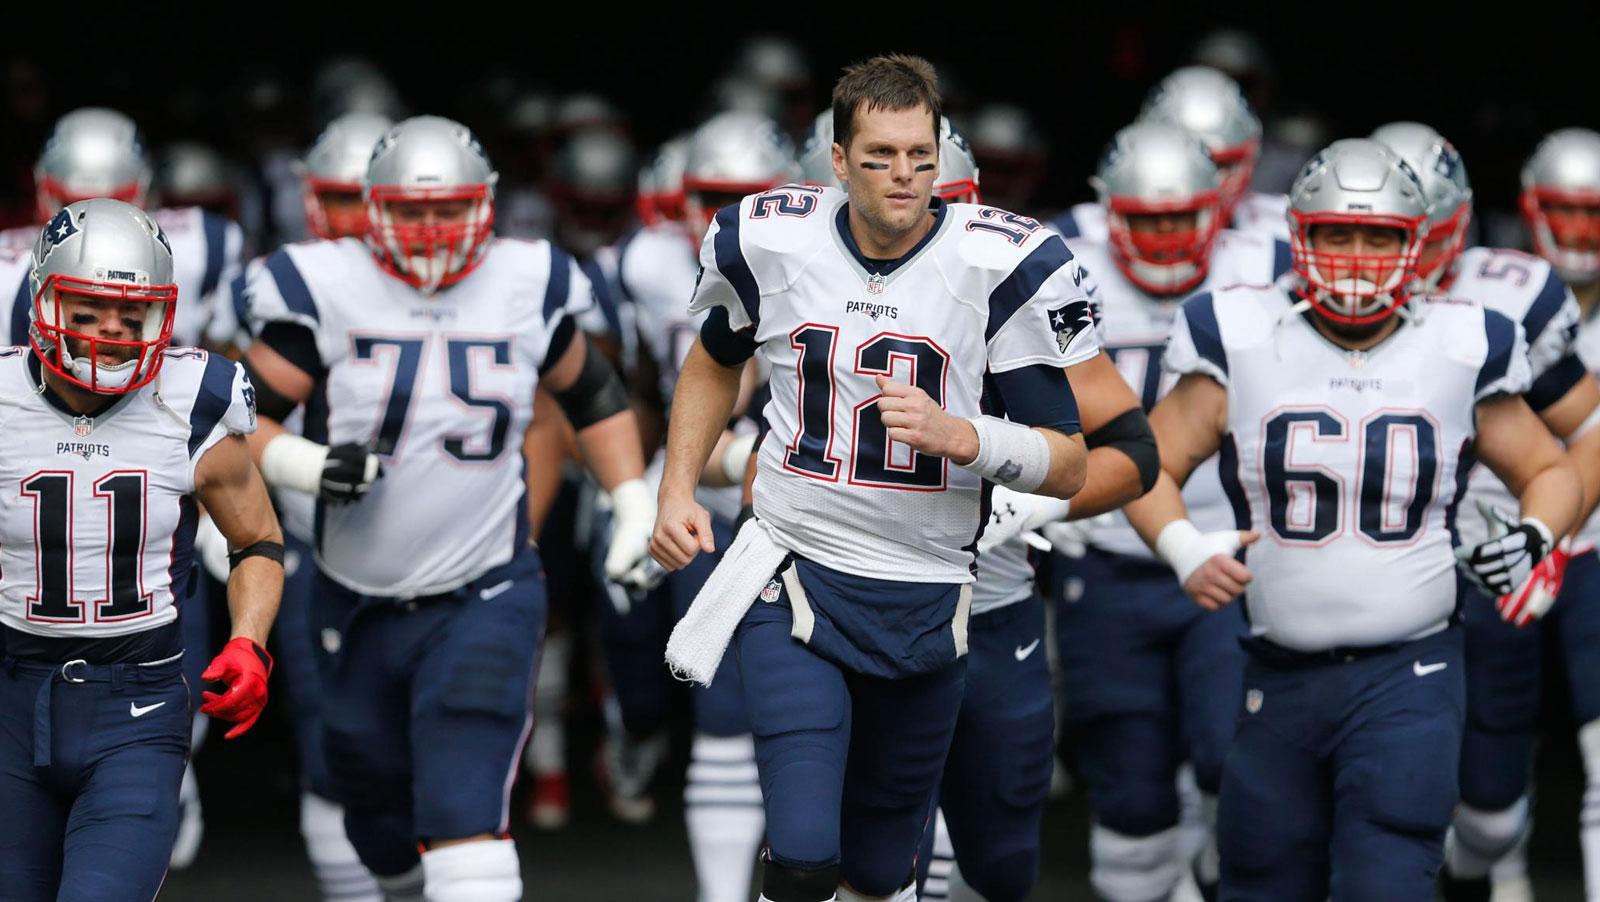 NFL Preseason Week 2 Betting Preview